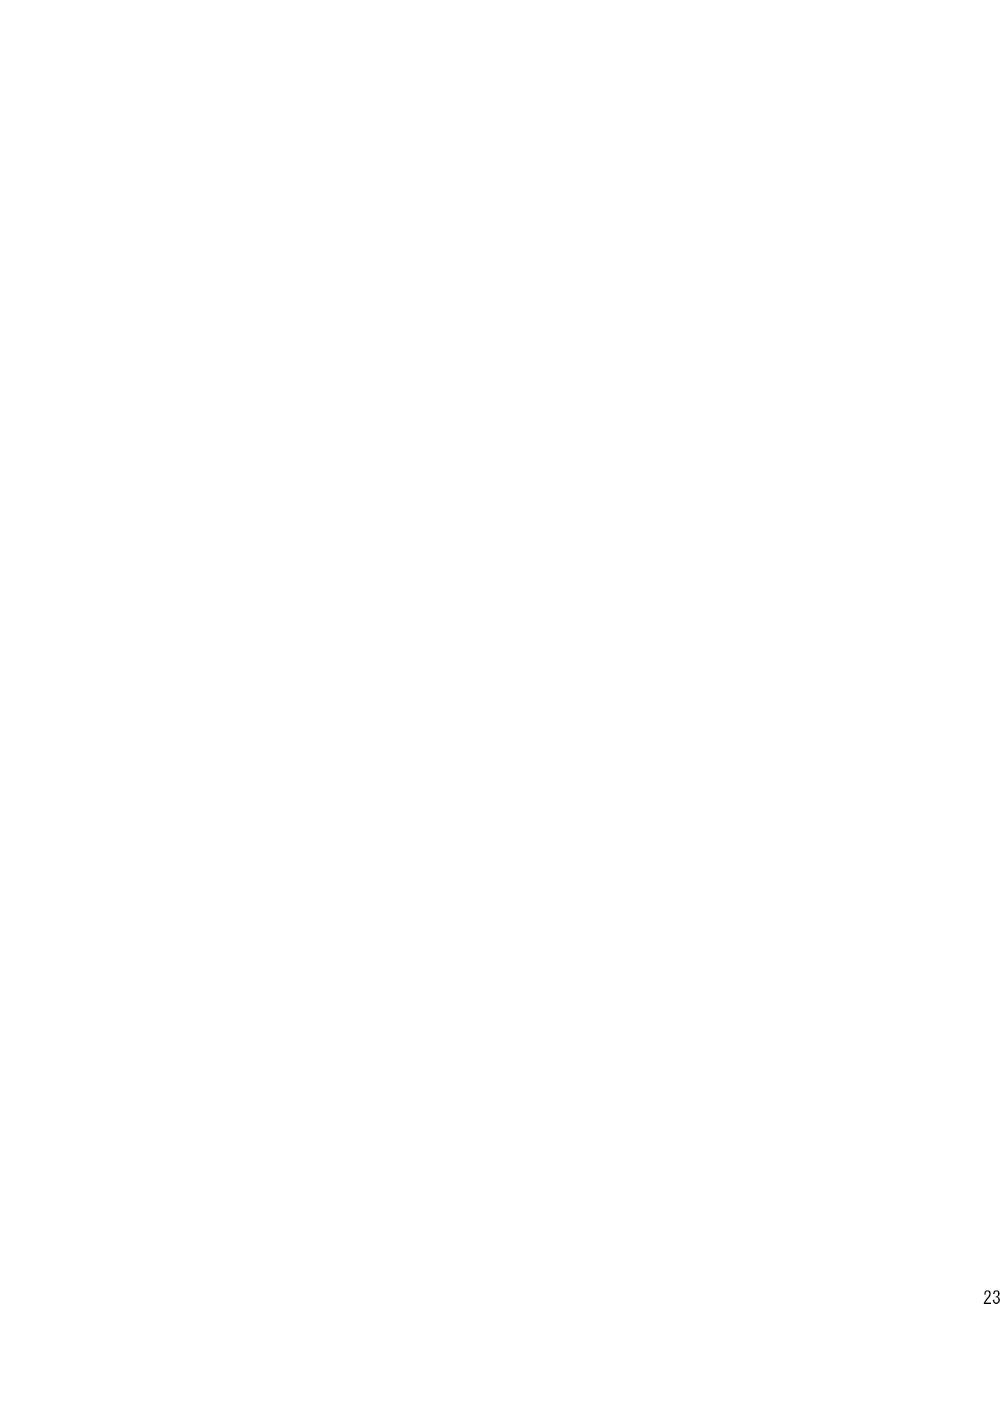 Gekkan Shounen Zoom 2020-12 22